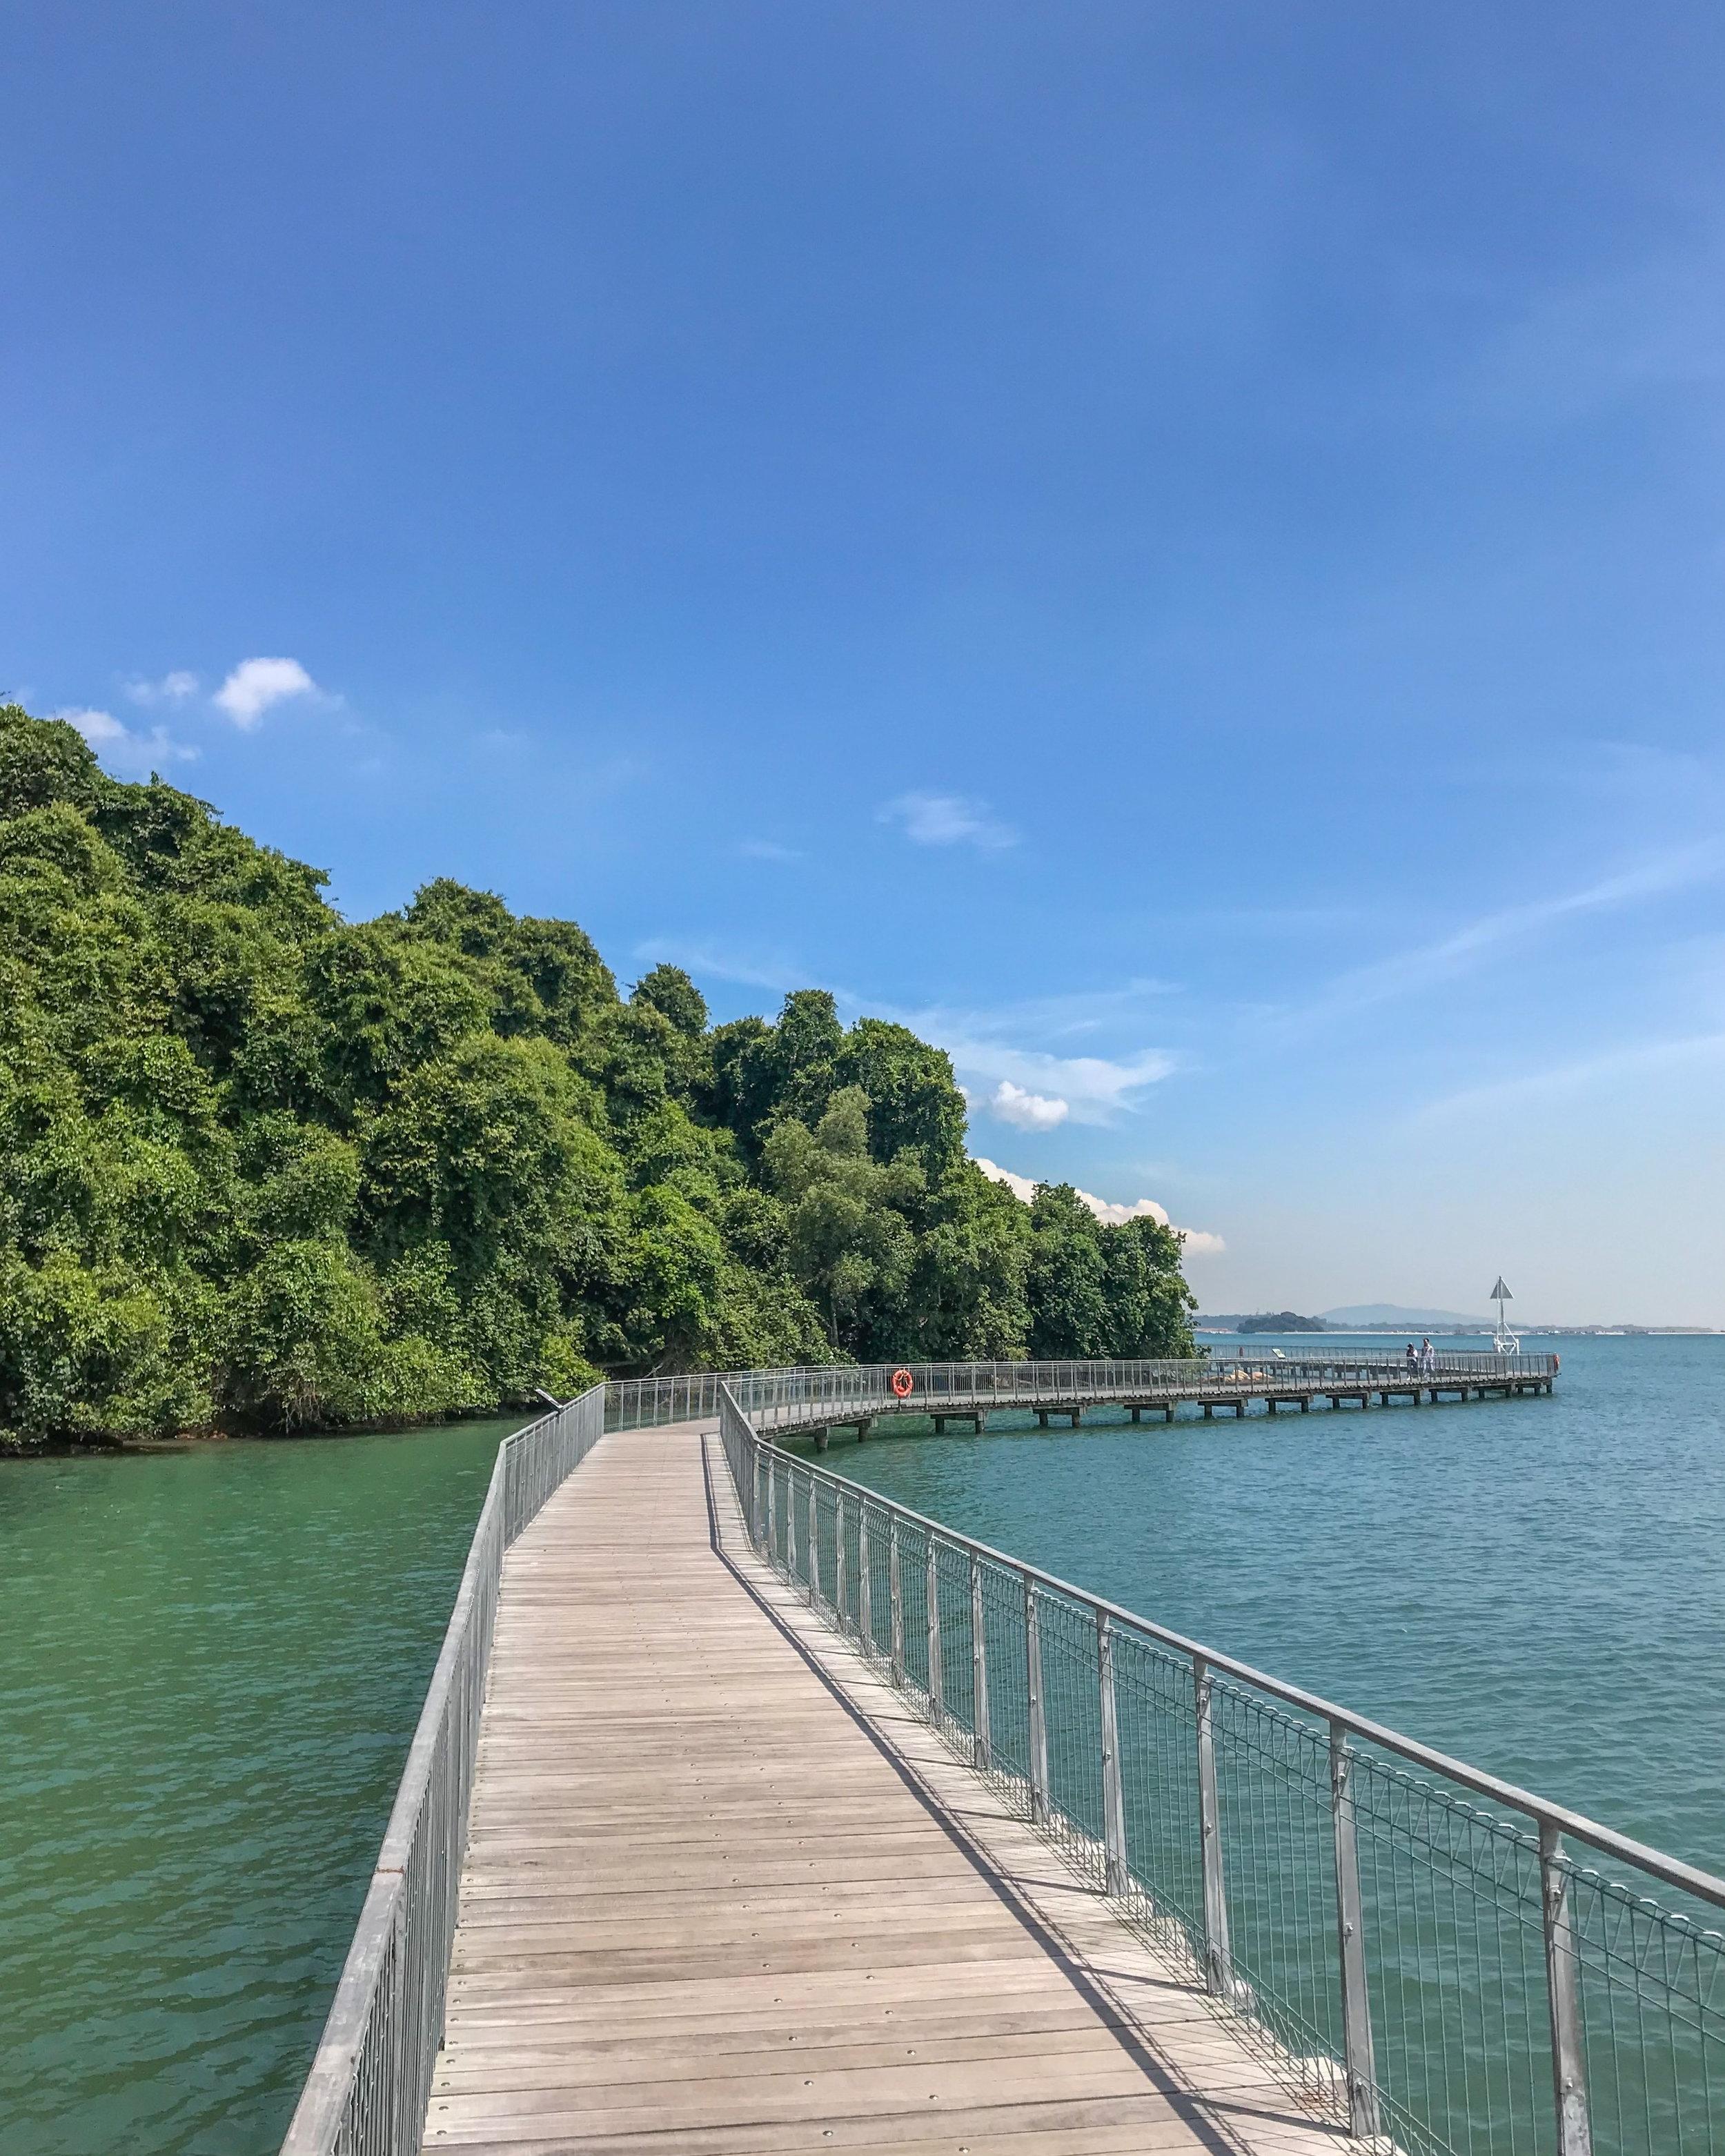 Pulau Ubin's kilometer-long boardwalk